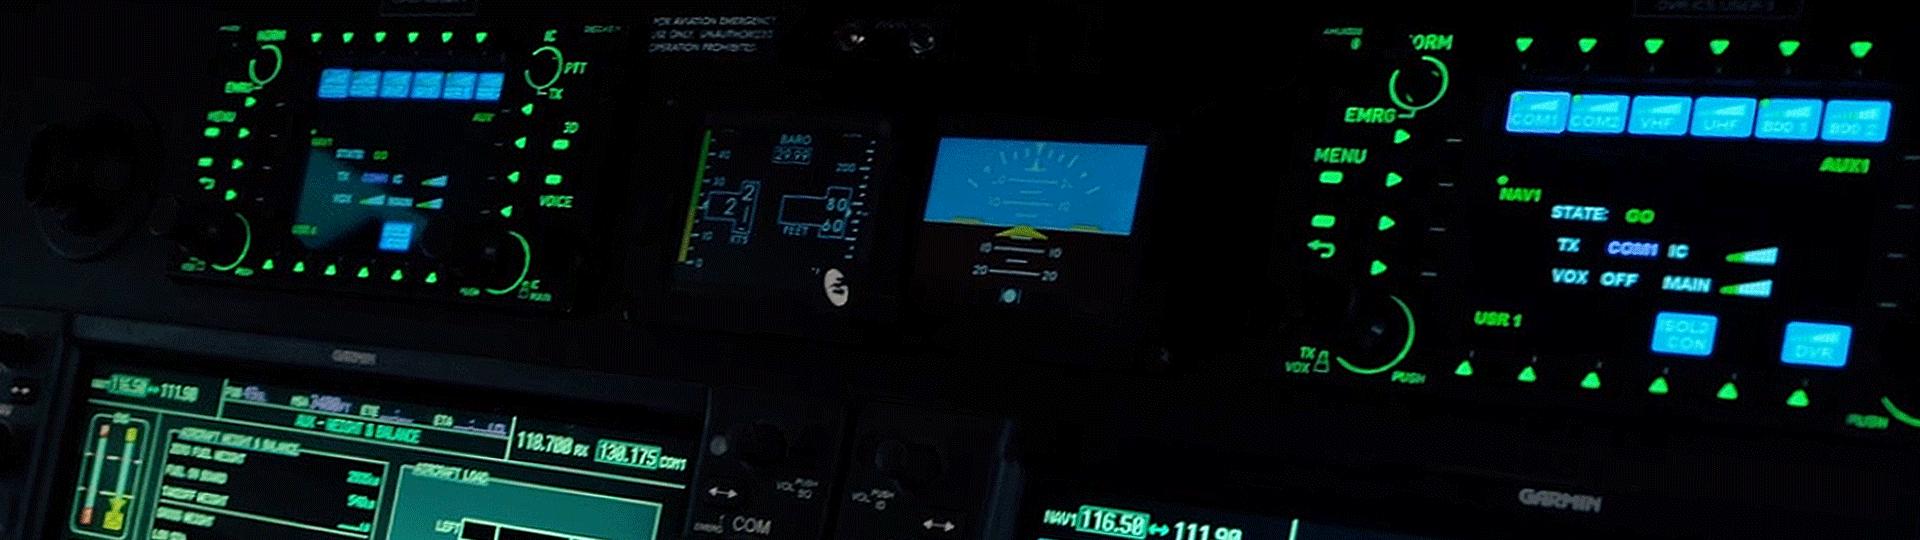 AMU6500